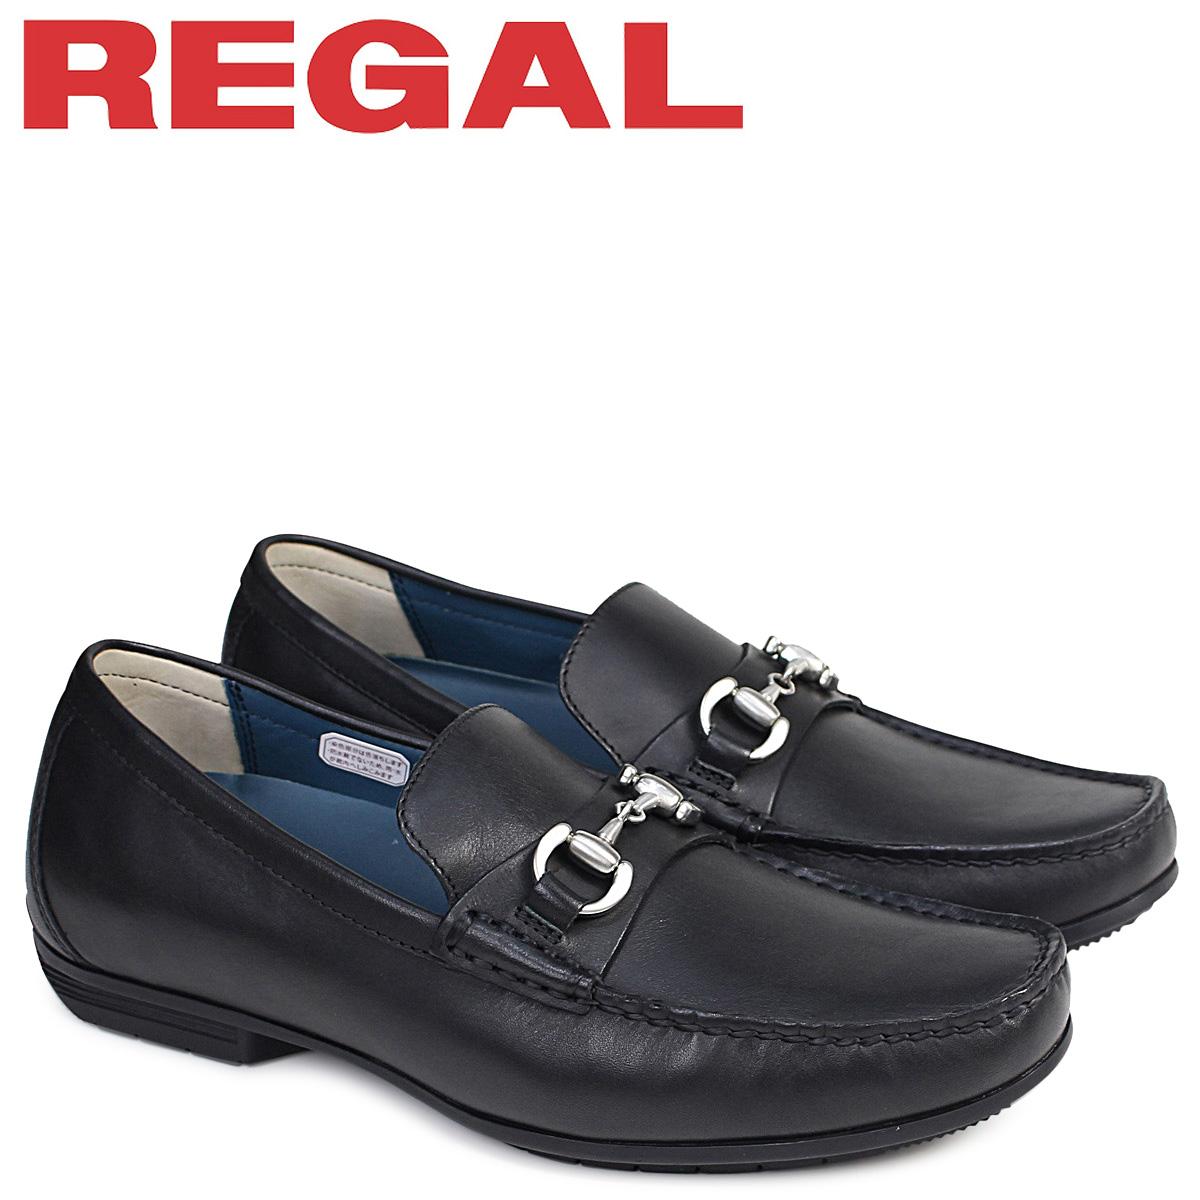 ブラック REGAL ドライビングシューズ メンズ 57HRAF 追加入荷] カジュアル 靴 [9/12 リーガル